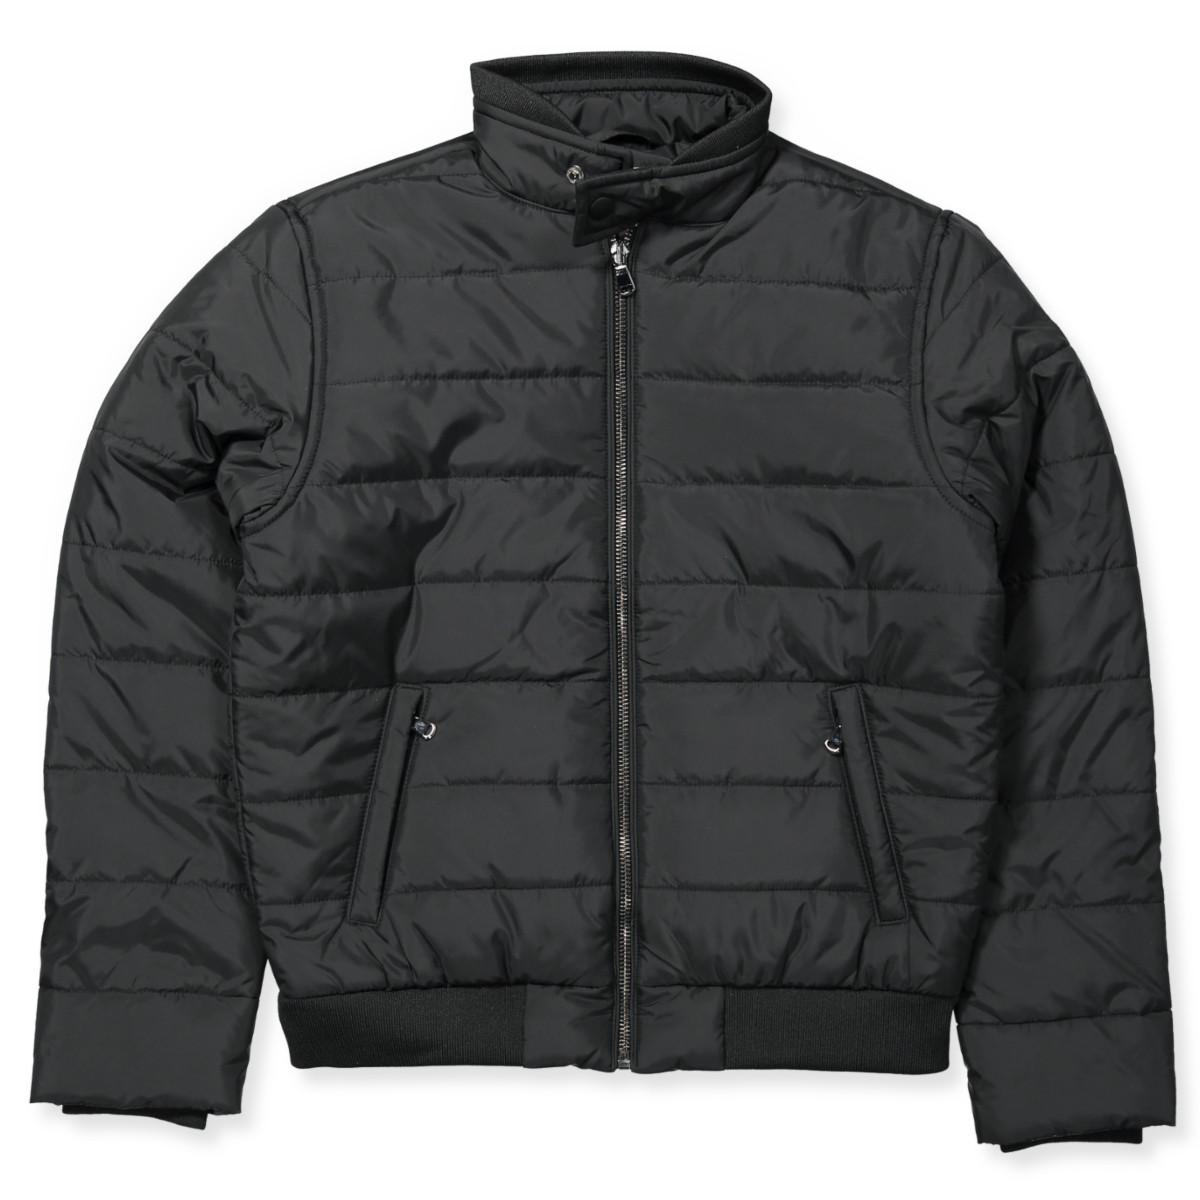 39b594e7 Shop de bedste vinterjakker til drenge og piger hos House of Kids